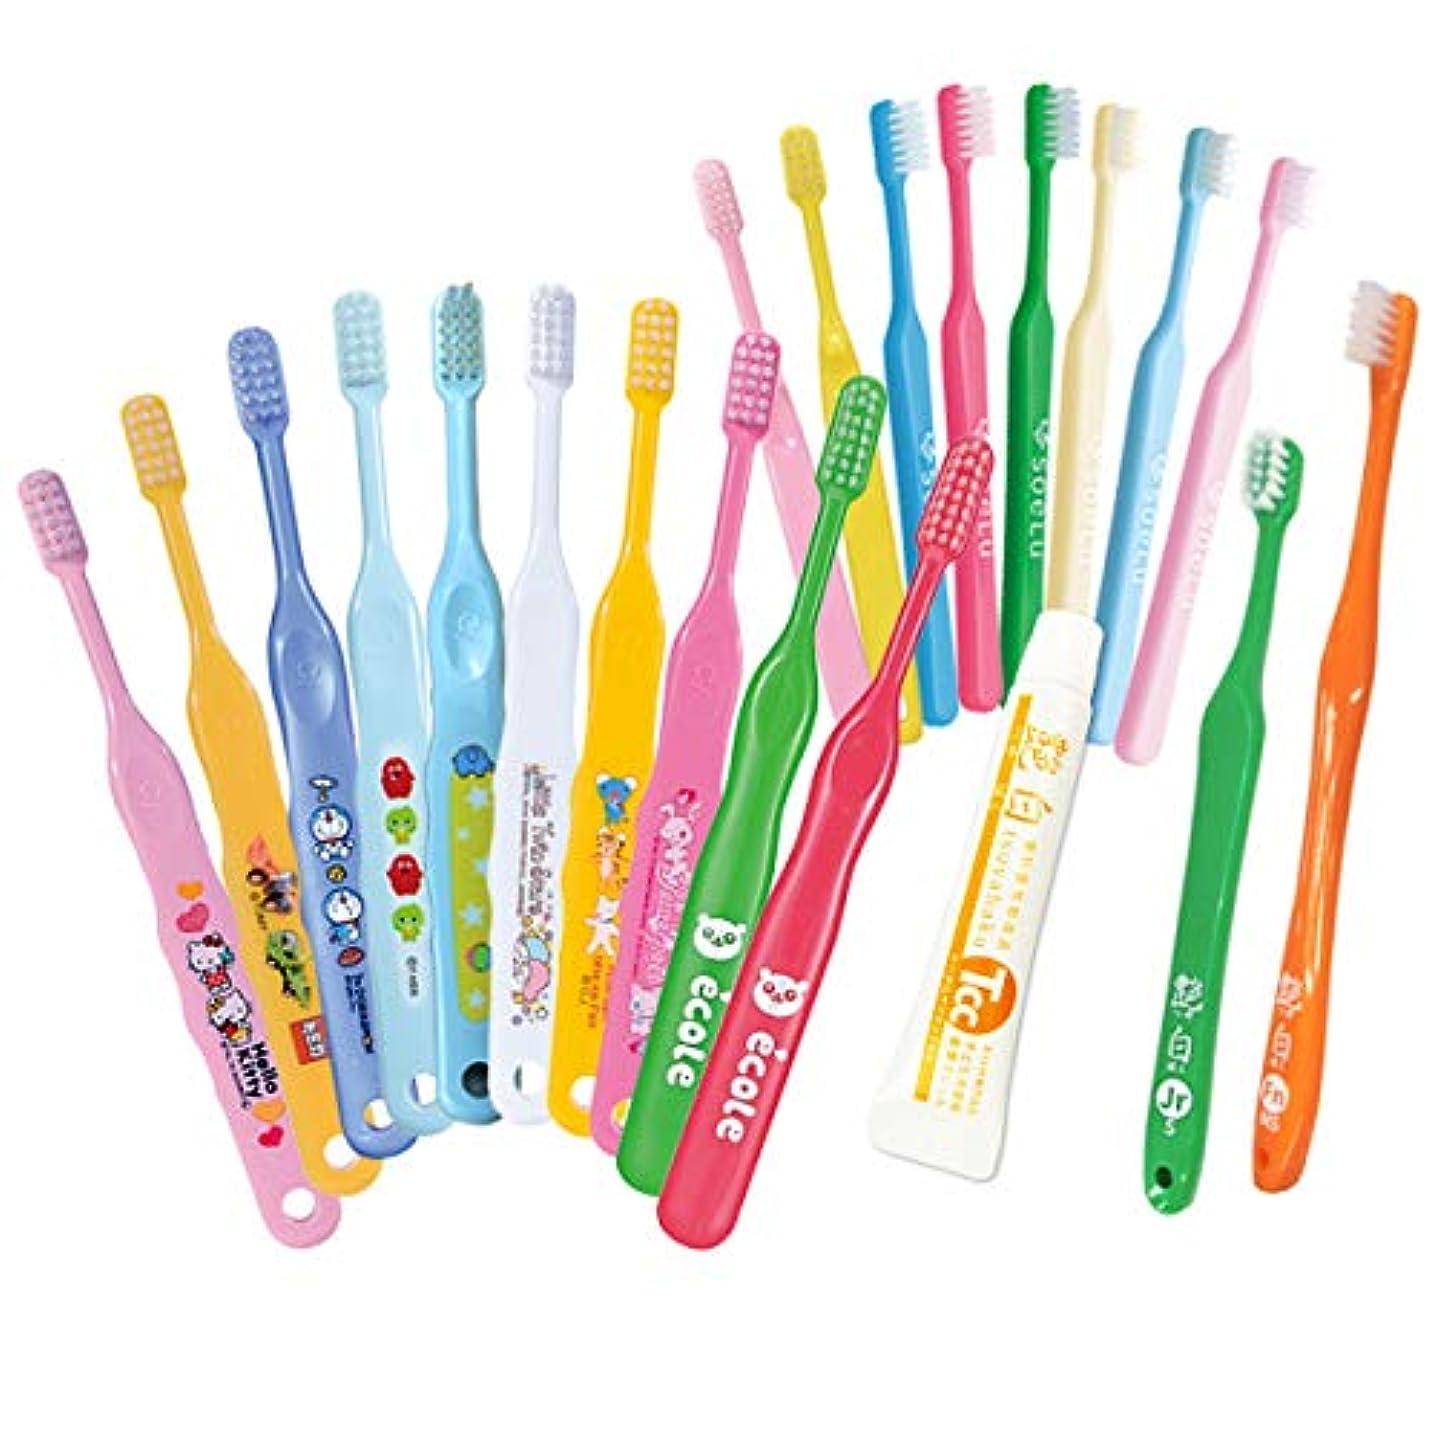 生き返らせる中もつれ歯科専売品 子供用 歯ブラシ (キャラクター入り) 20本セット (乳幼児~小学校低学年用)+艶白(つやはく) 薬用 歯磨きジェル トータルケアチャイルド Tcc 5g×1本